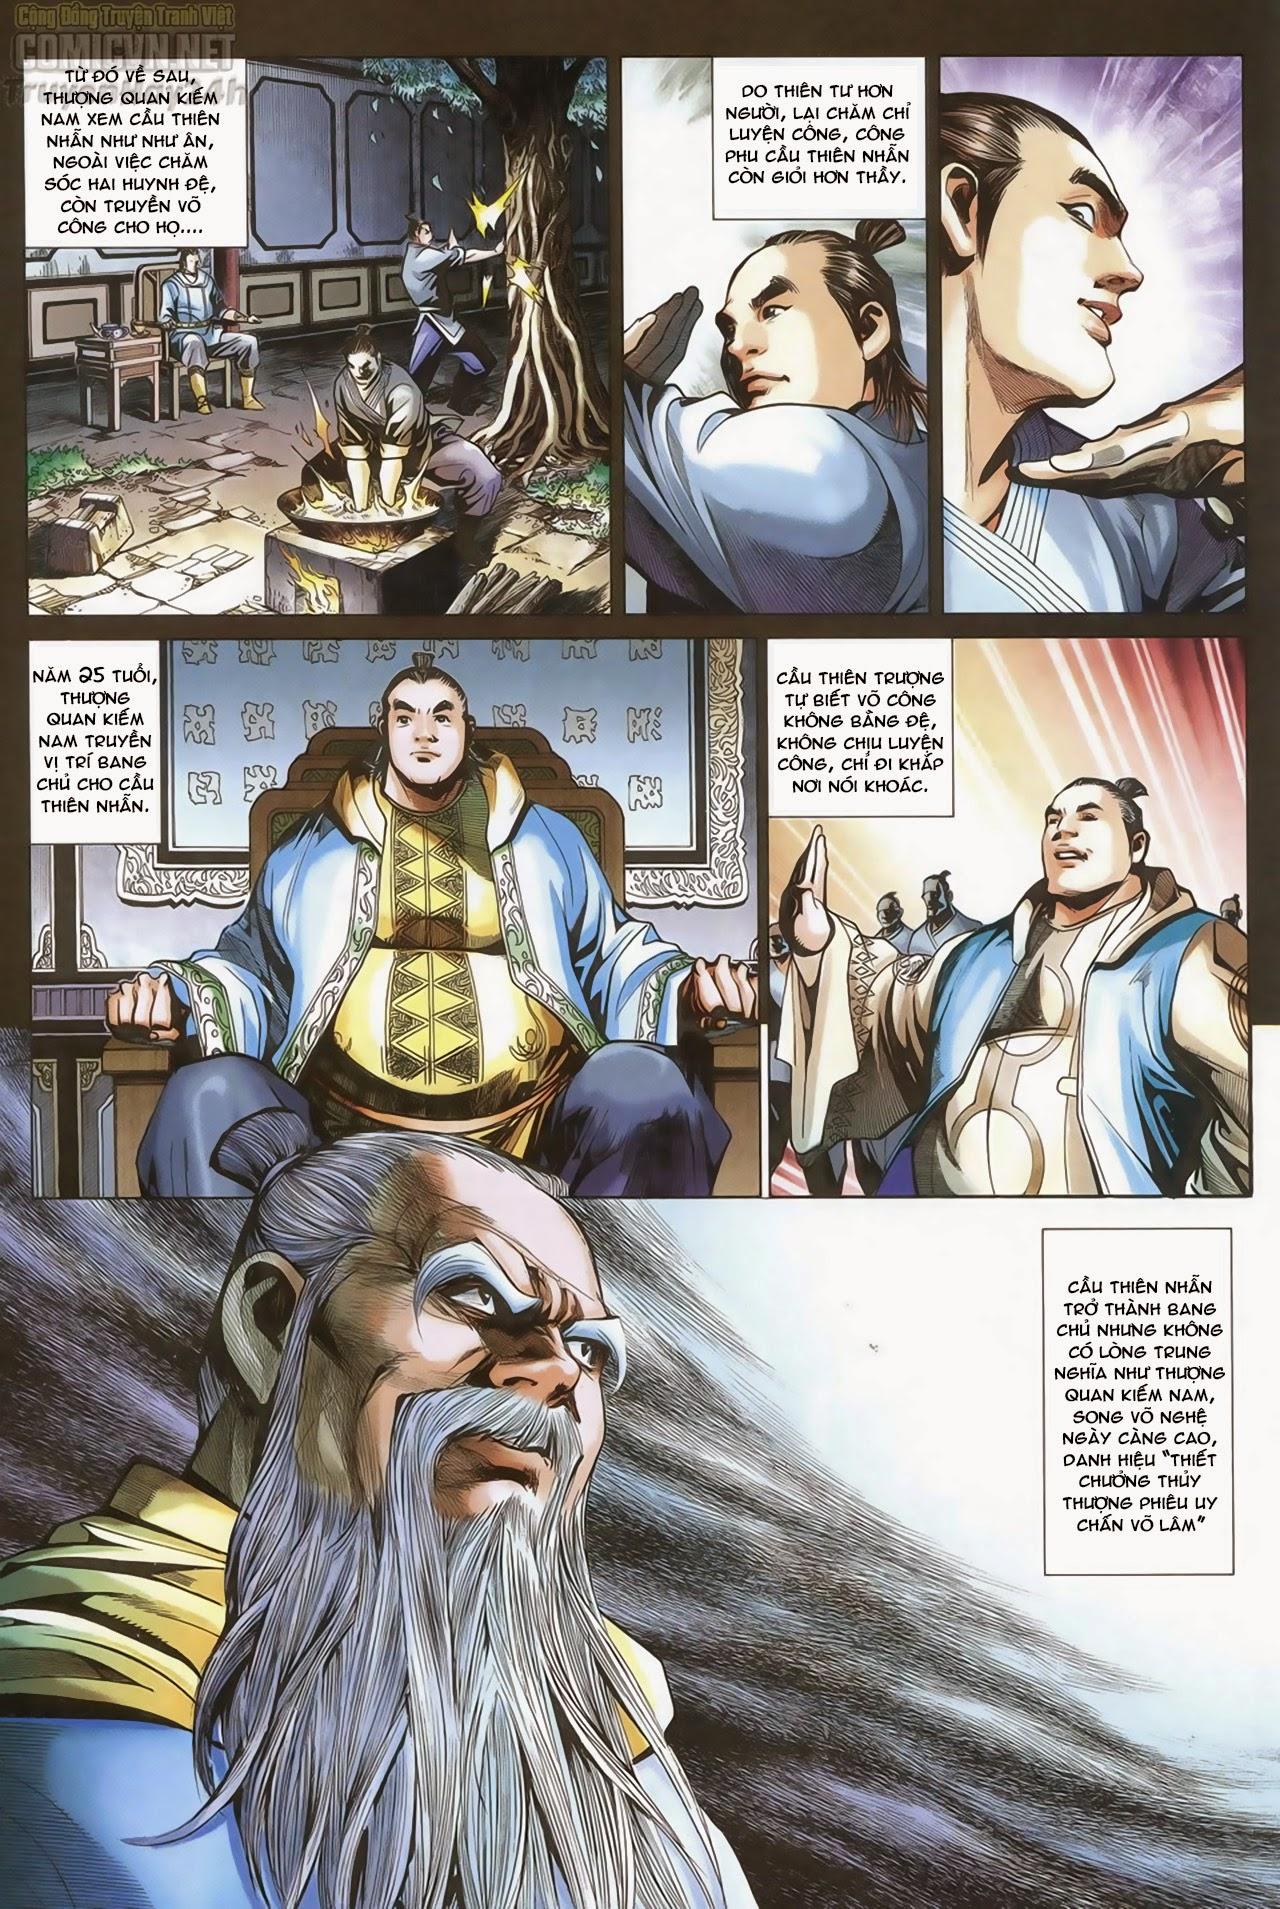 Anh Hùng Xạ Điêu anh hùng xạ đêu chap 69: hồn đoạn thiết chưởng phong trang 19